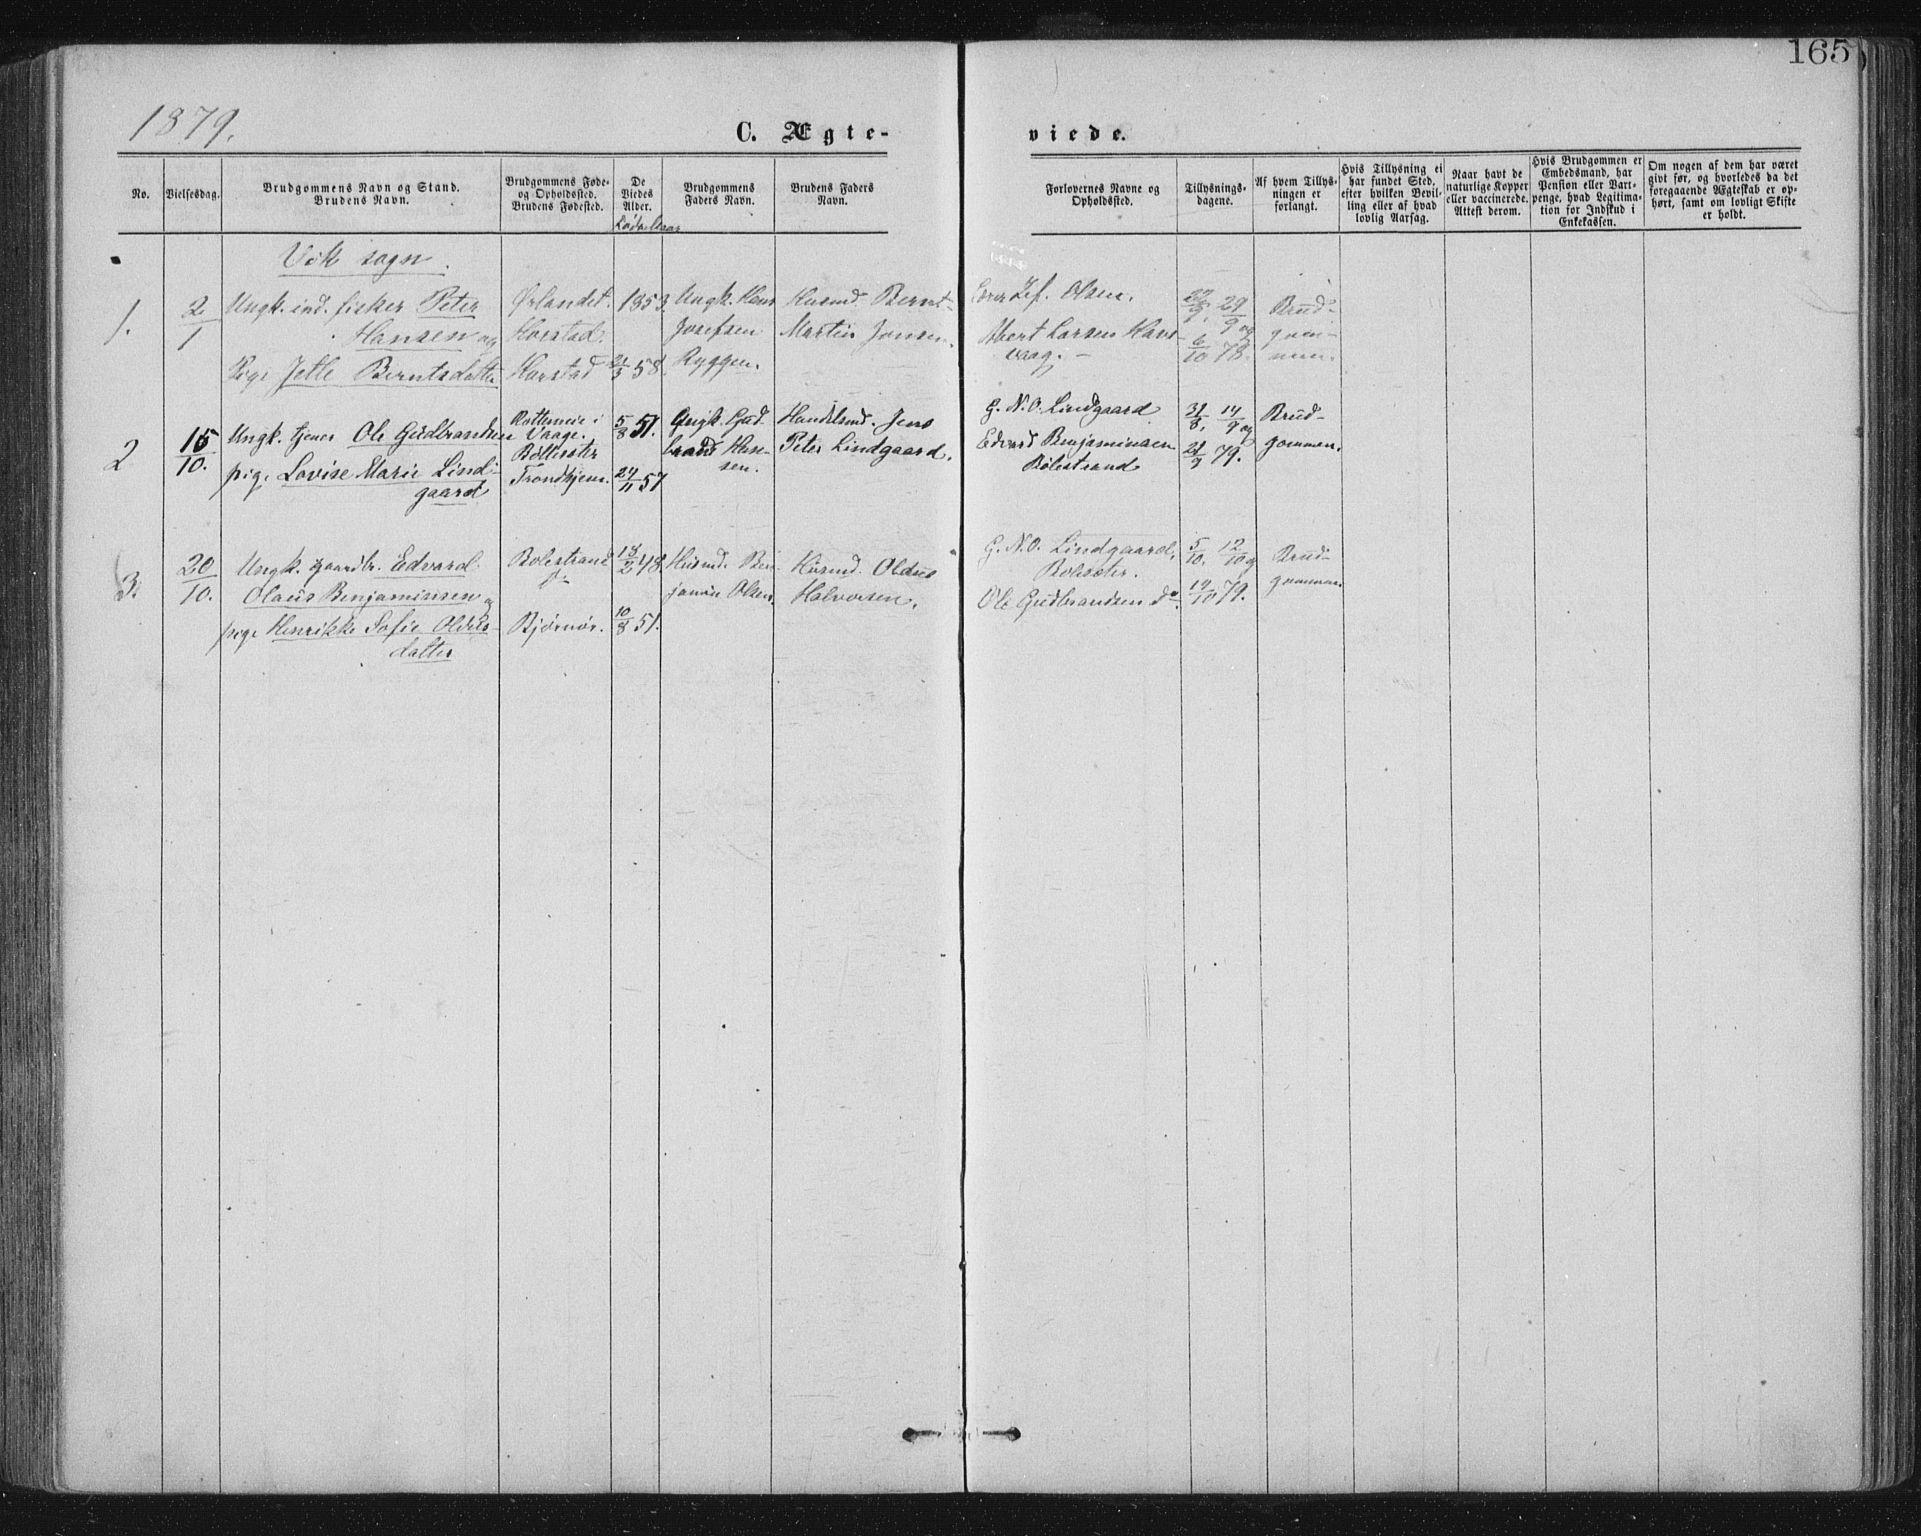 SAT, Ministerialprotokoller, klokkerbøker og fødselsregistre - Nord-Trøndelag, 771/L0596: Ministerialbok nr. 771A03, 1870-1884, s. 165